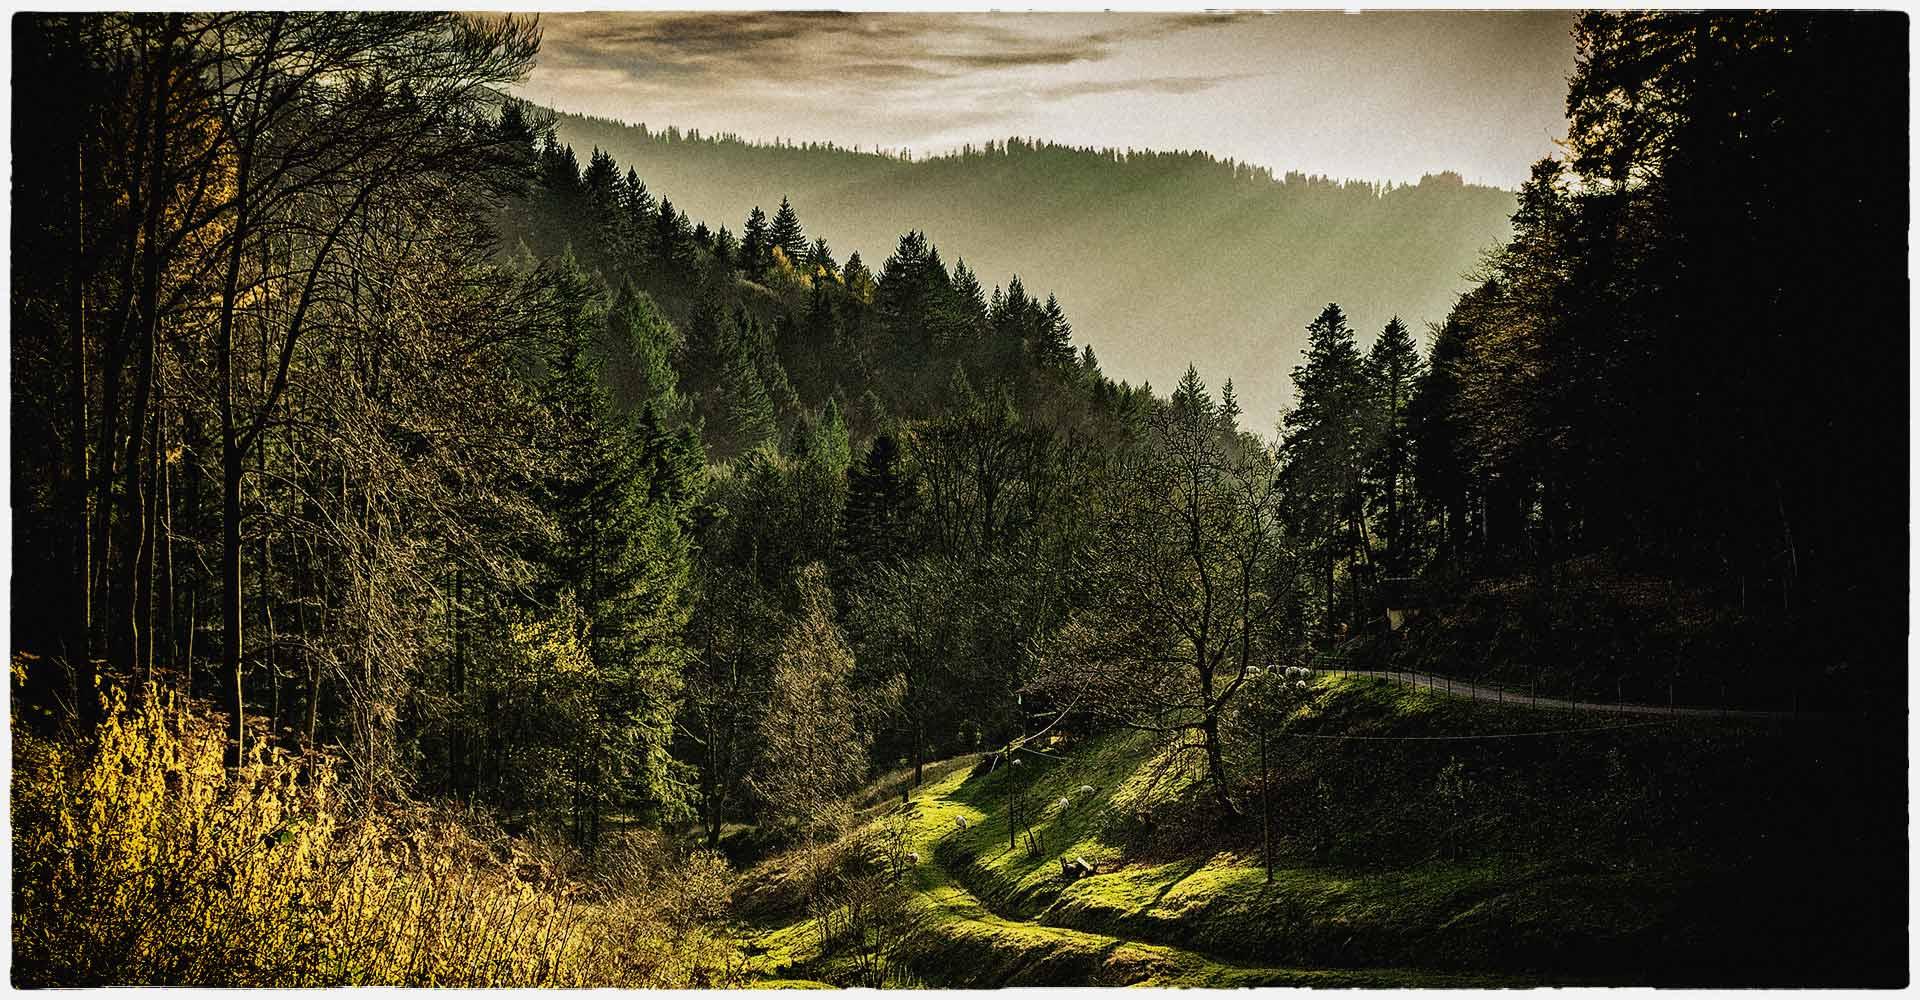 schwarzwald-couture-blackforest